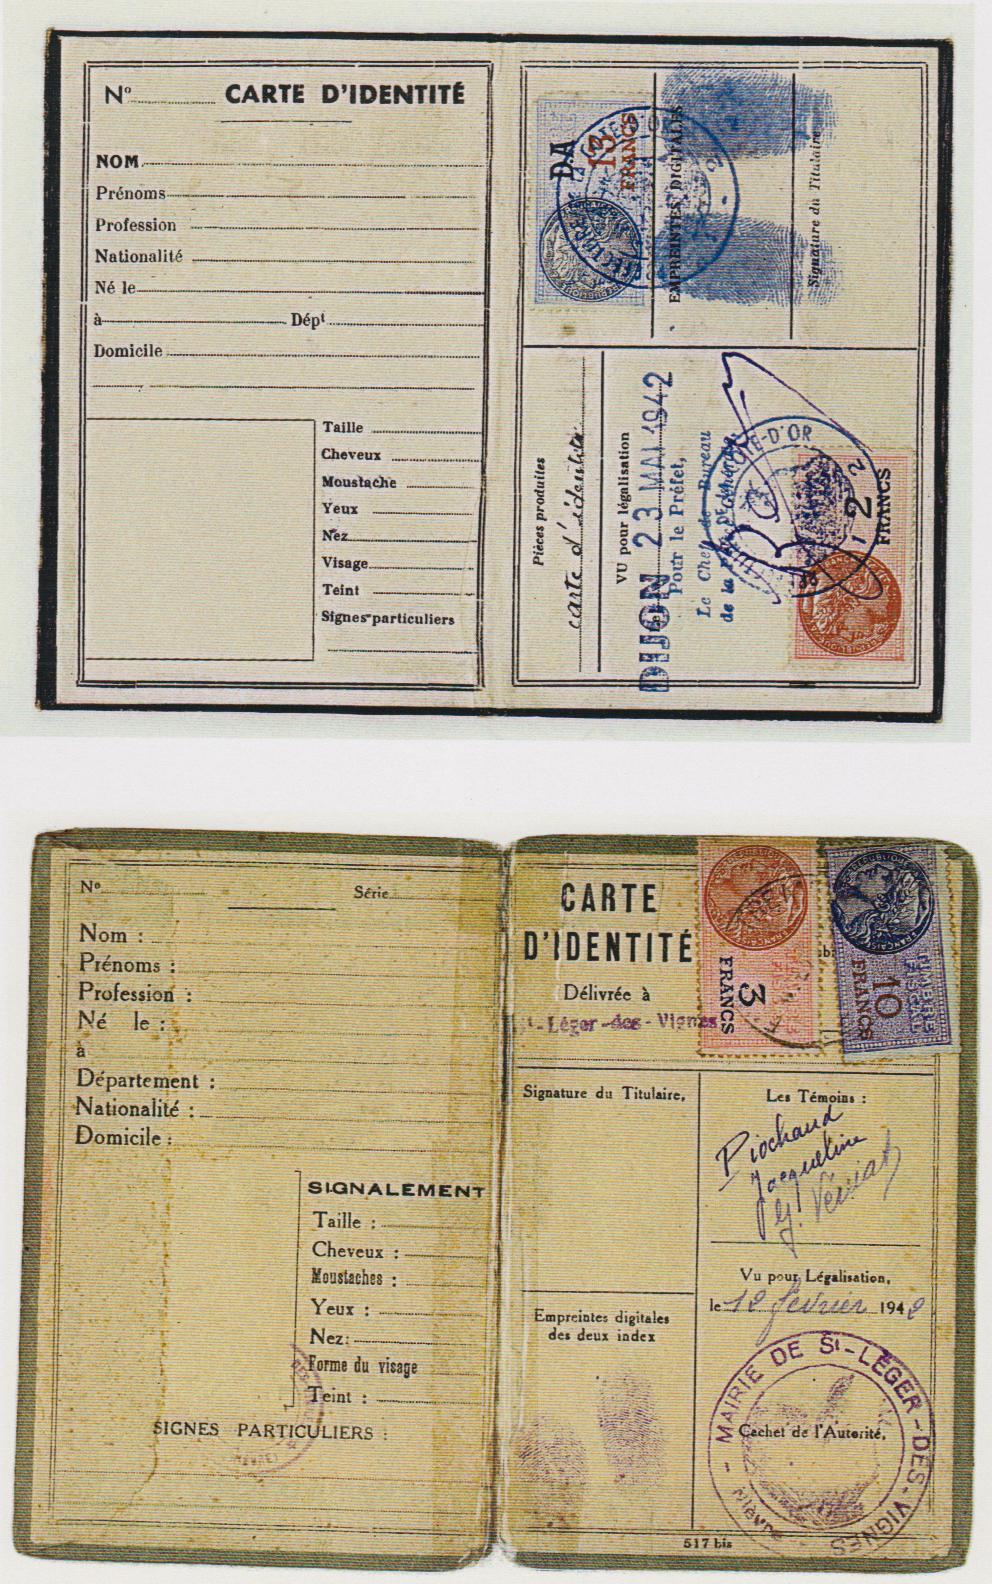 carte d identité vierge à remplir Pièces d'identité vierges – à remplir – Team'Story 1942